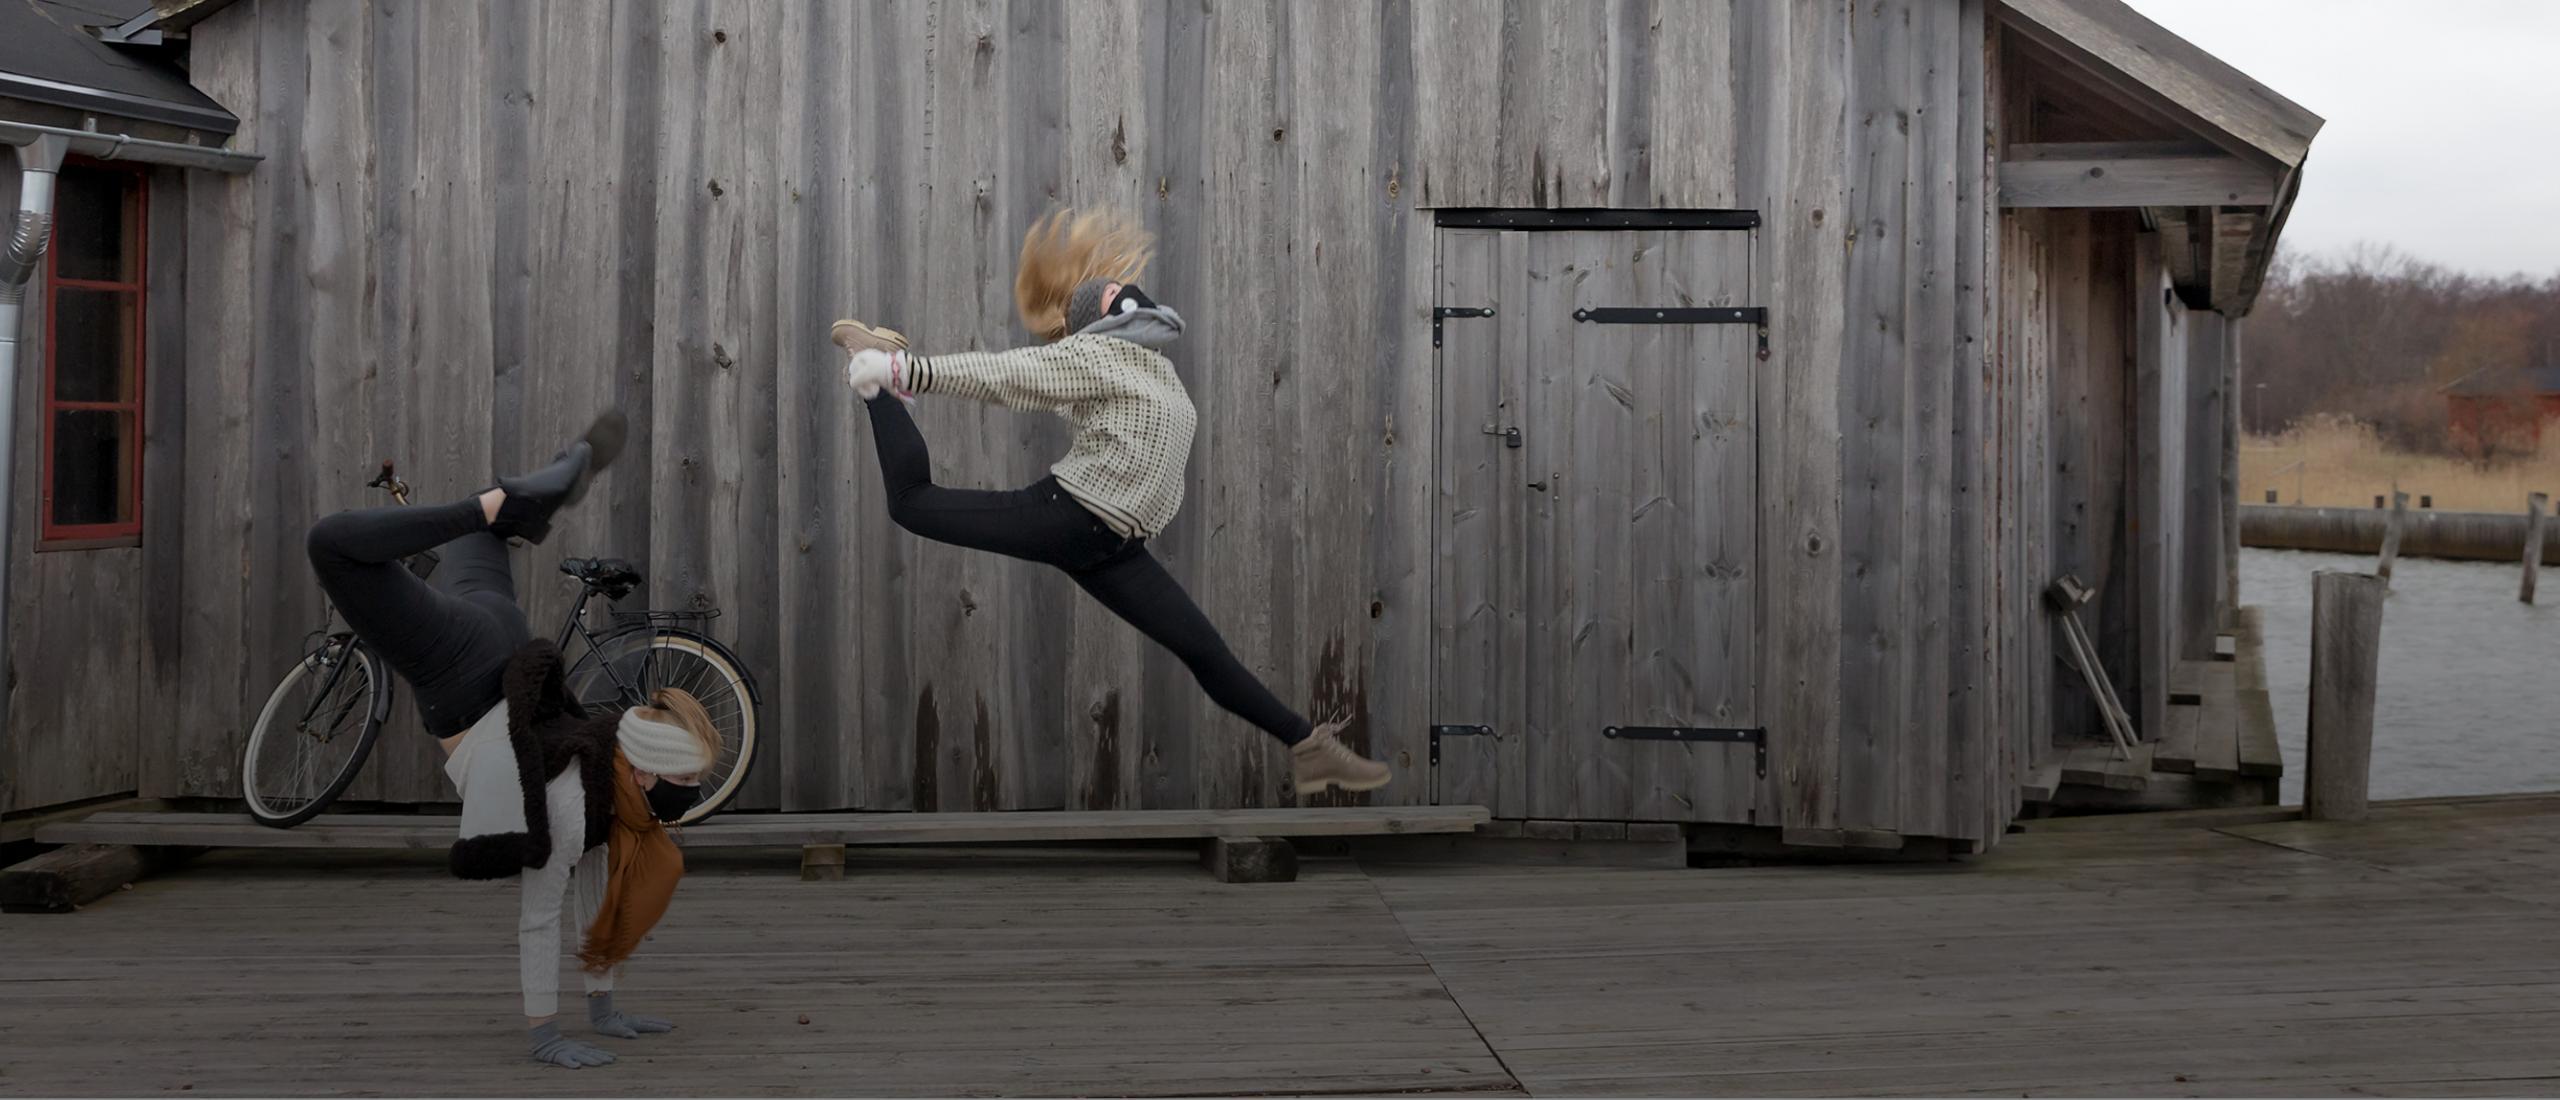 Åland dansar, ett projekt av Nordens institut på Åland. Bilden är från filminspelningen vid Sjökvarteret i Mariehamn. Foto: Tica